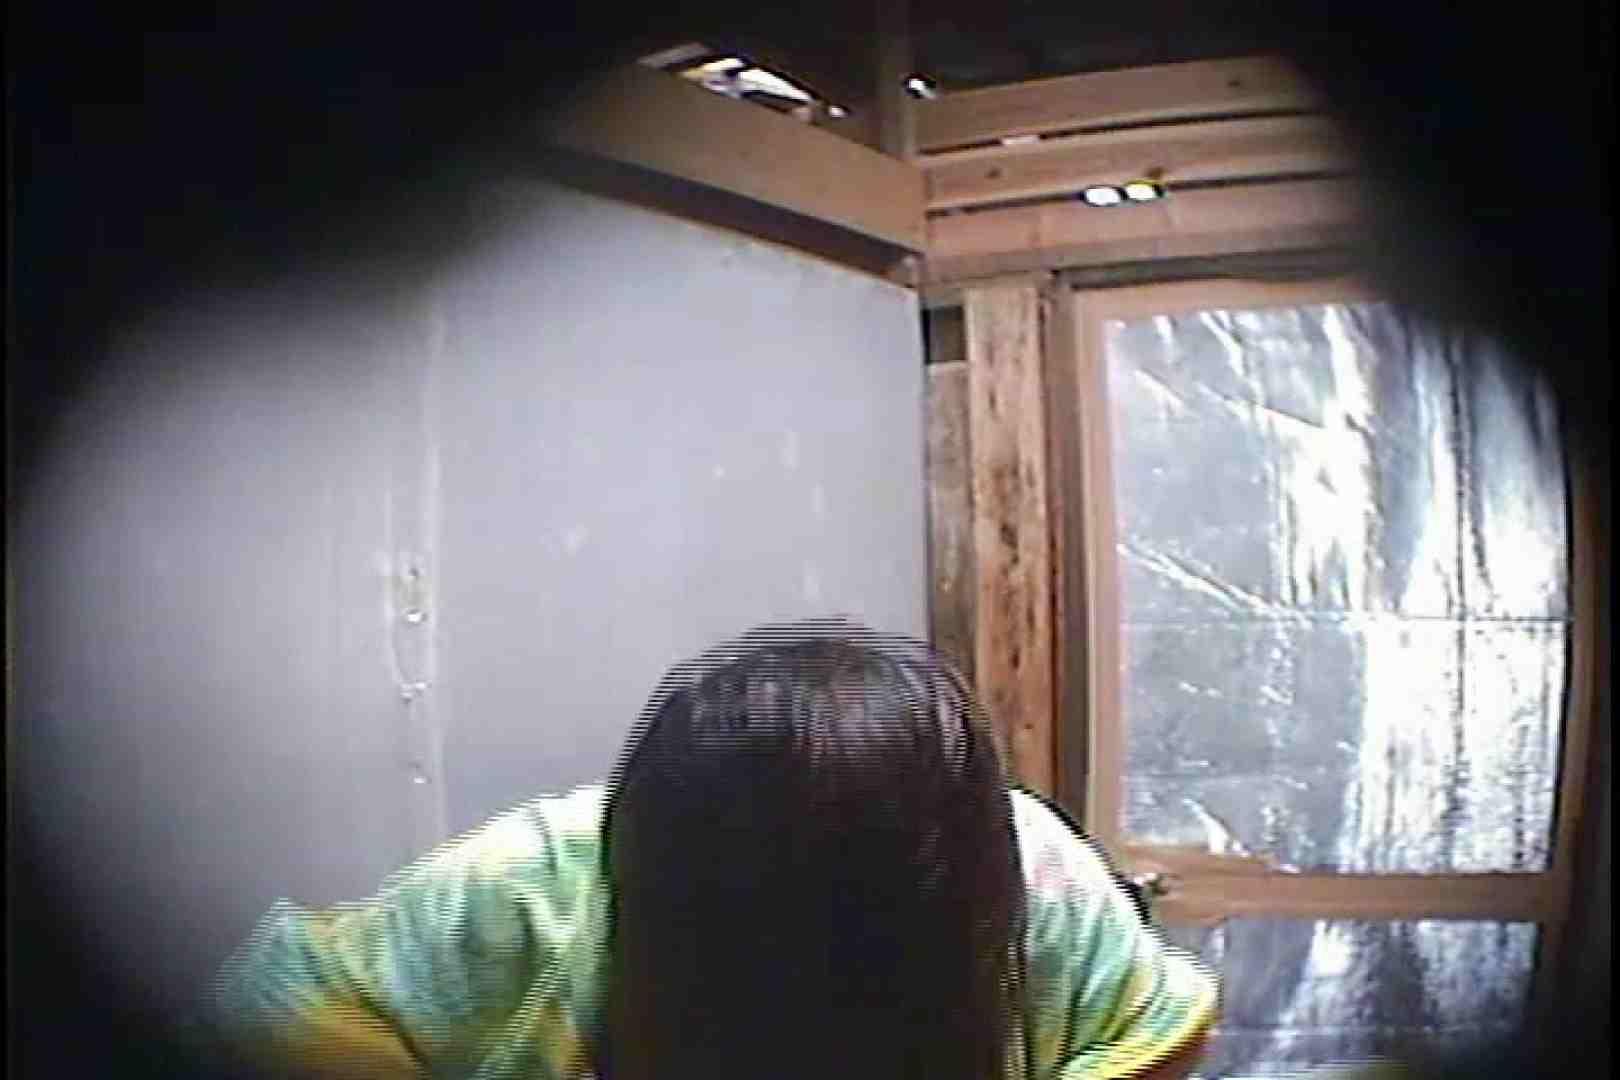 海の家の更衣室 Vol.45 OLの実態 盗撮われめAV動画紹介 90pic 17